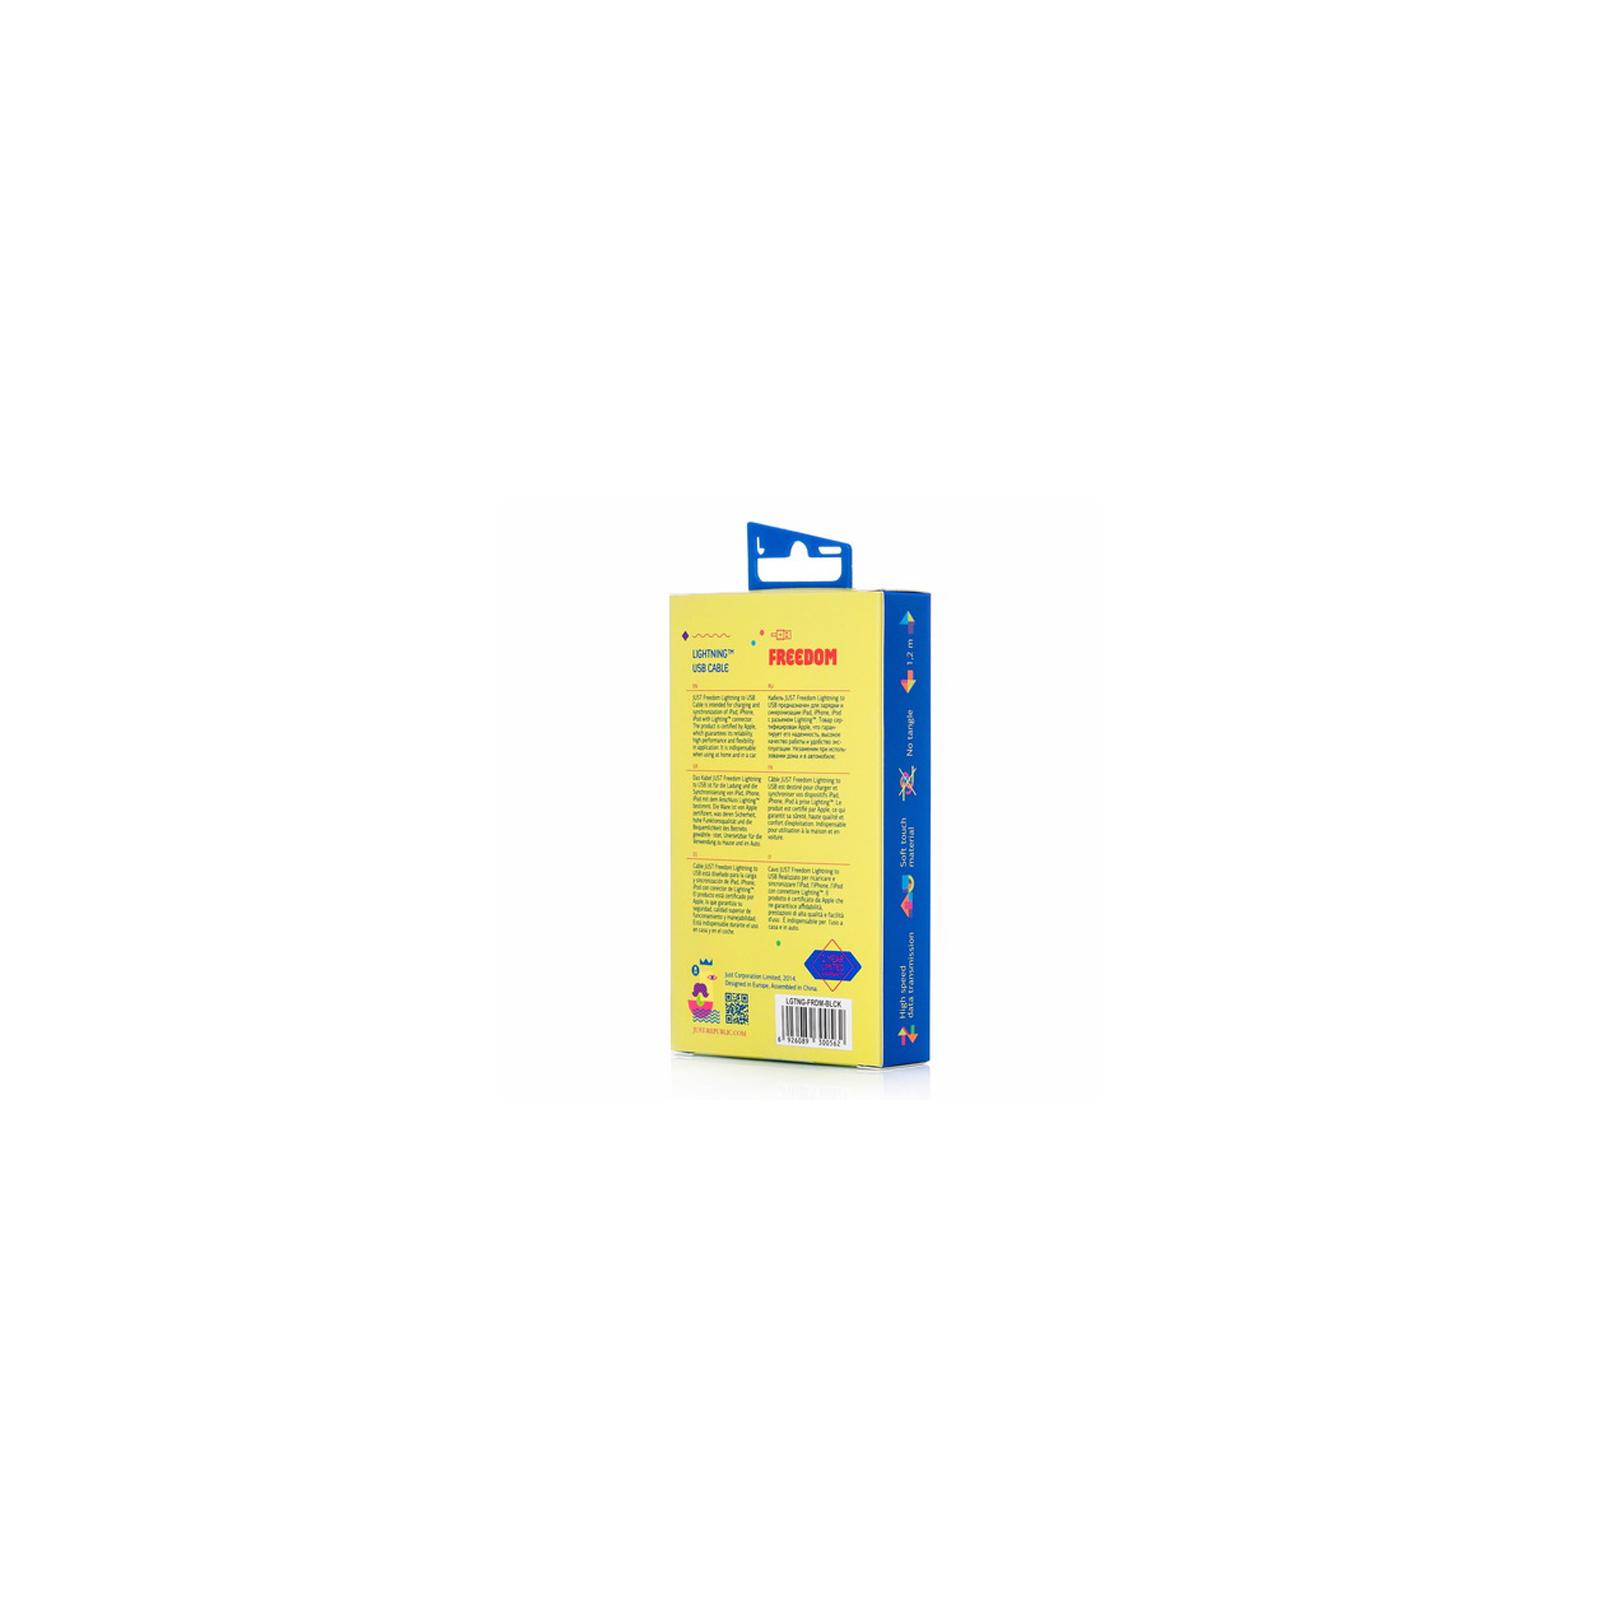 Дата кабель JUST Freedom Lightning USB Cable Blue (LGTNG-FRDM-BL) изображение 4